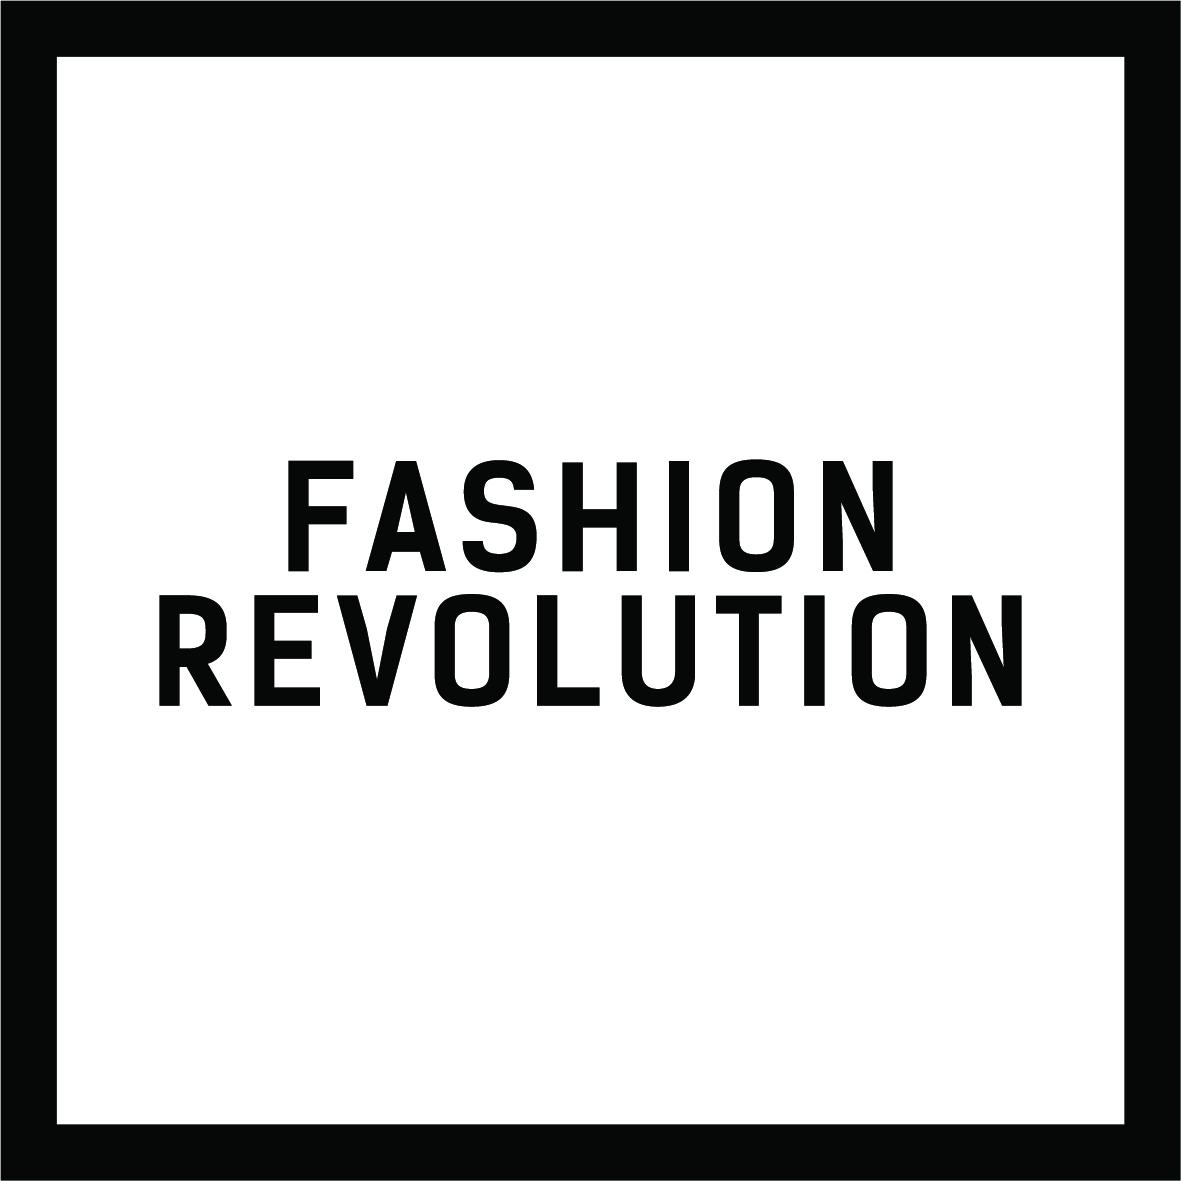 Fashion Revolution Week Sew Confident